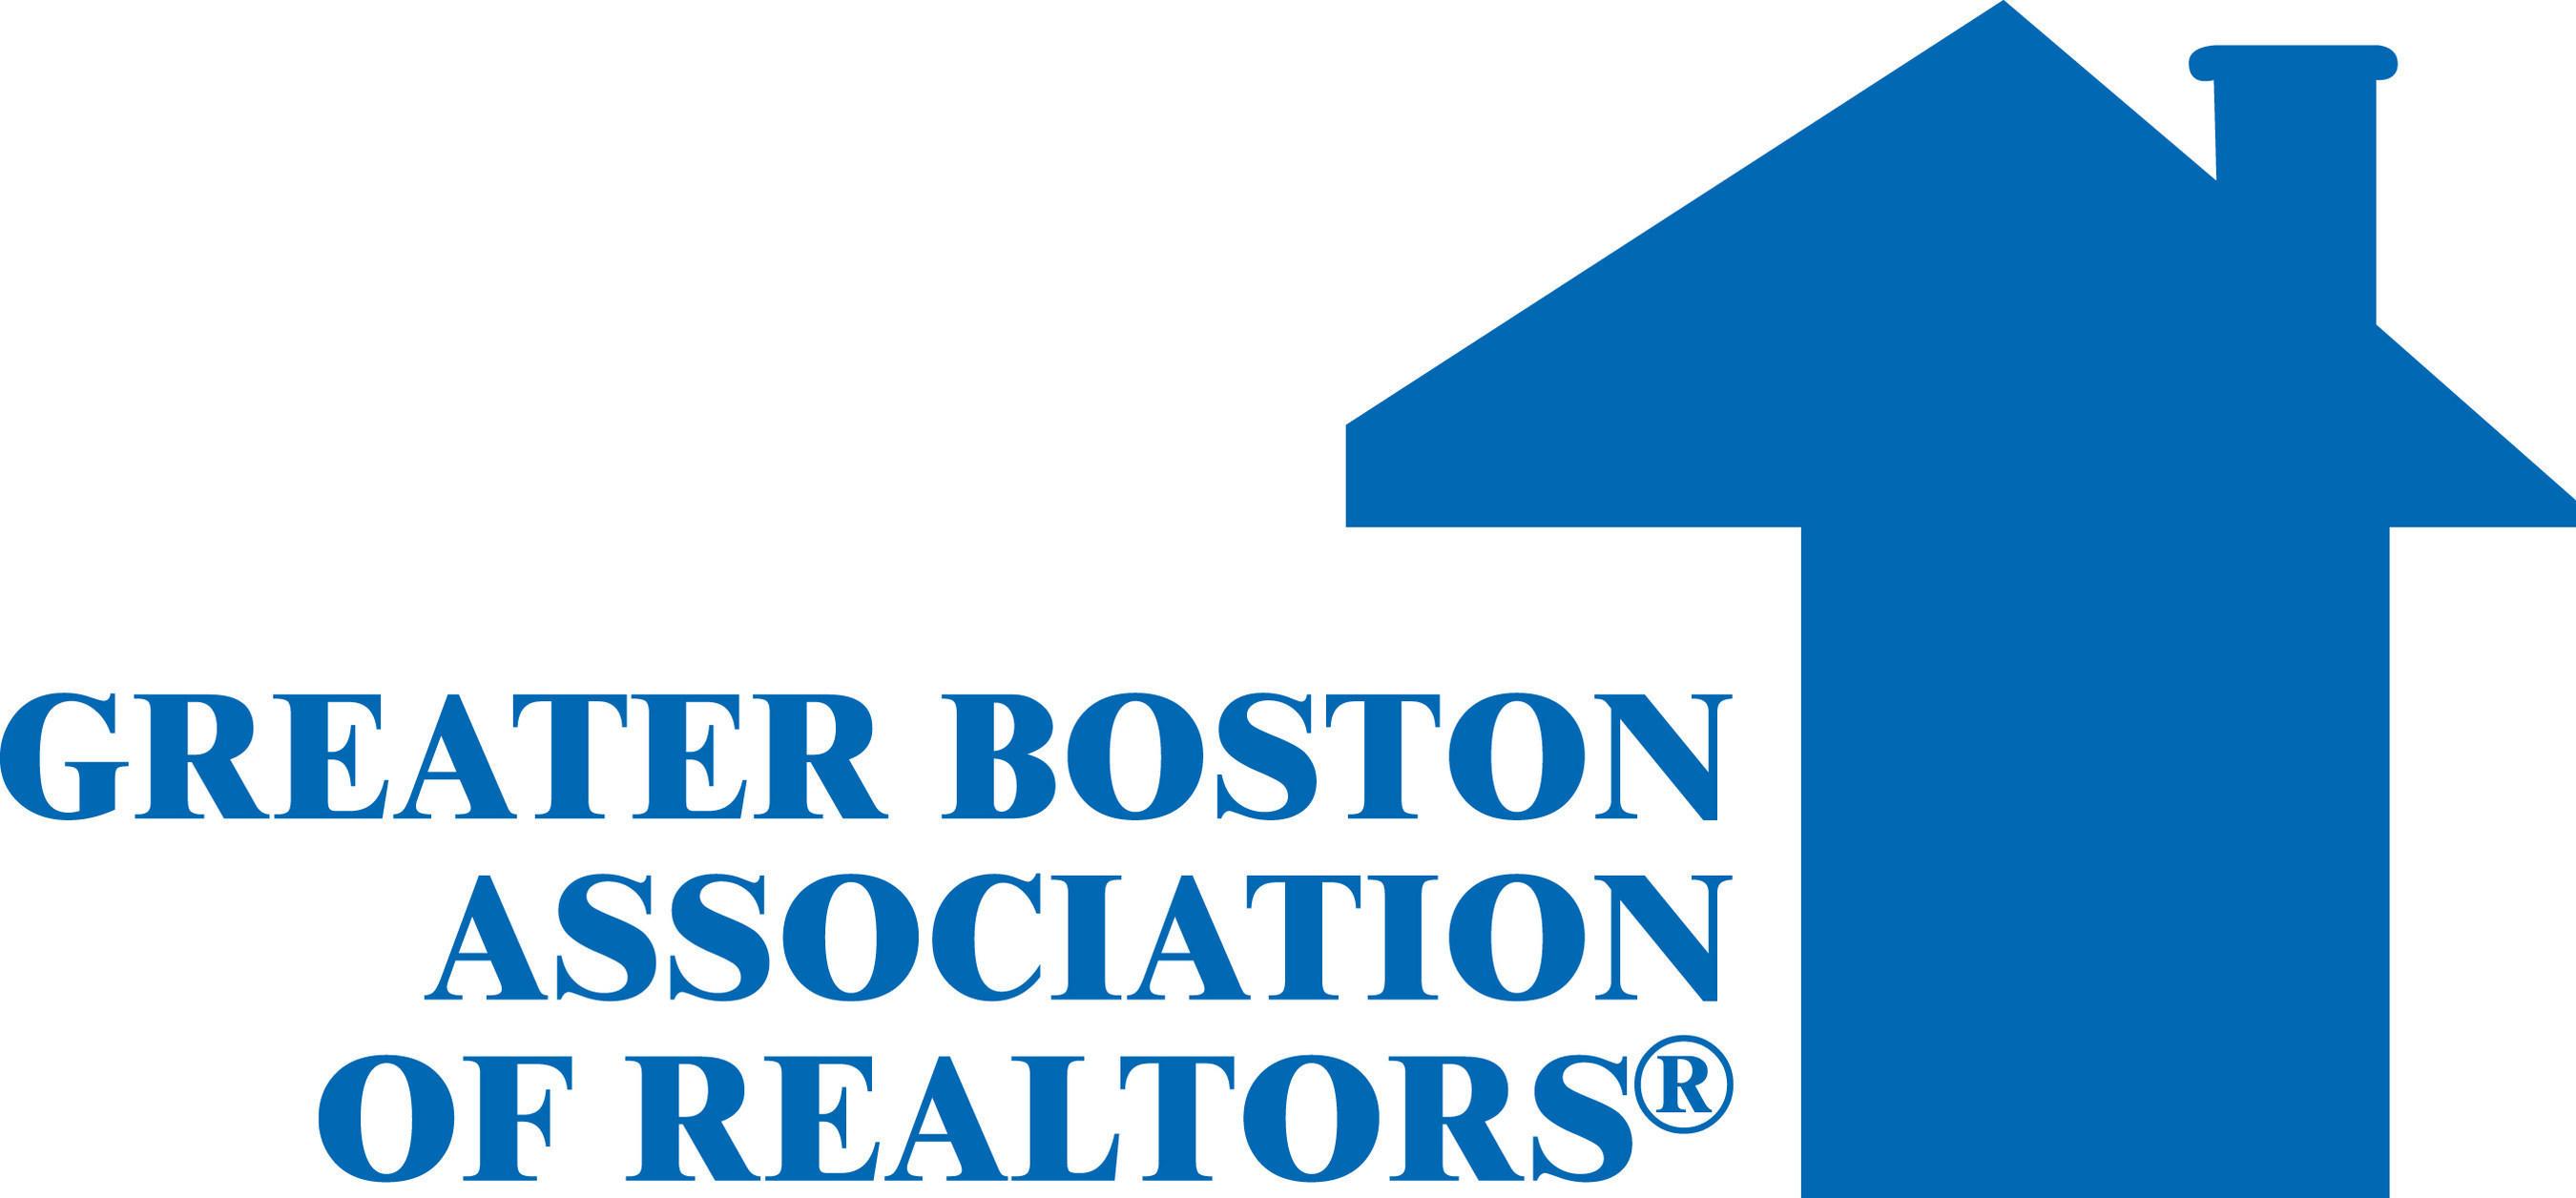 Greater Boston Association of REALTORS